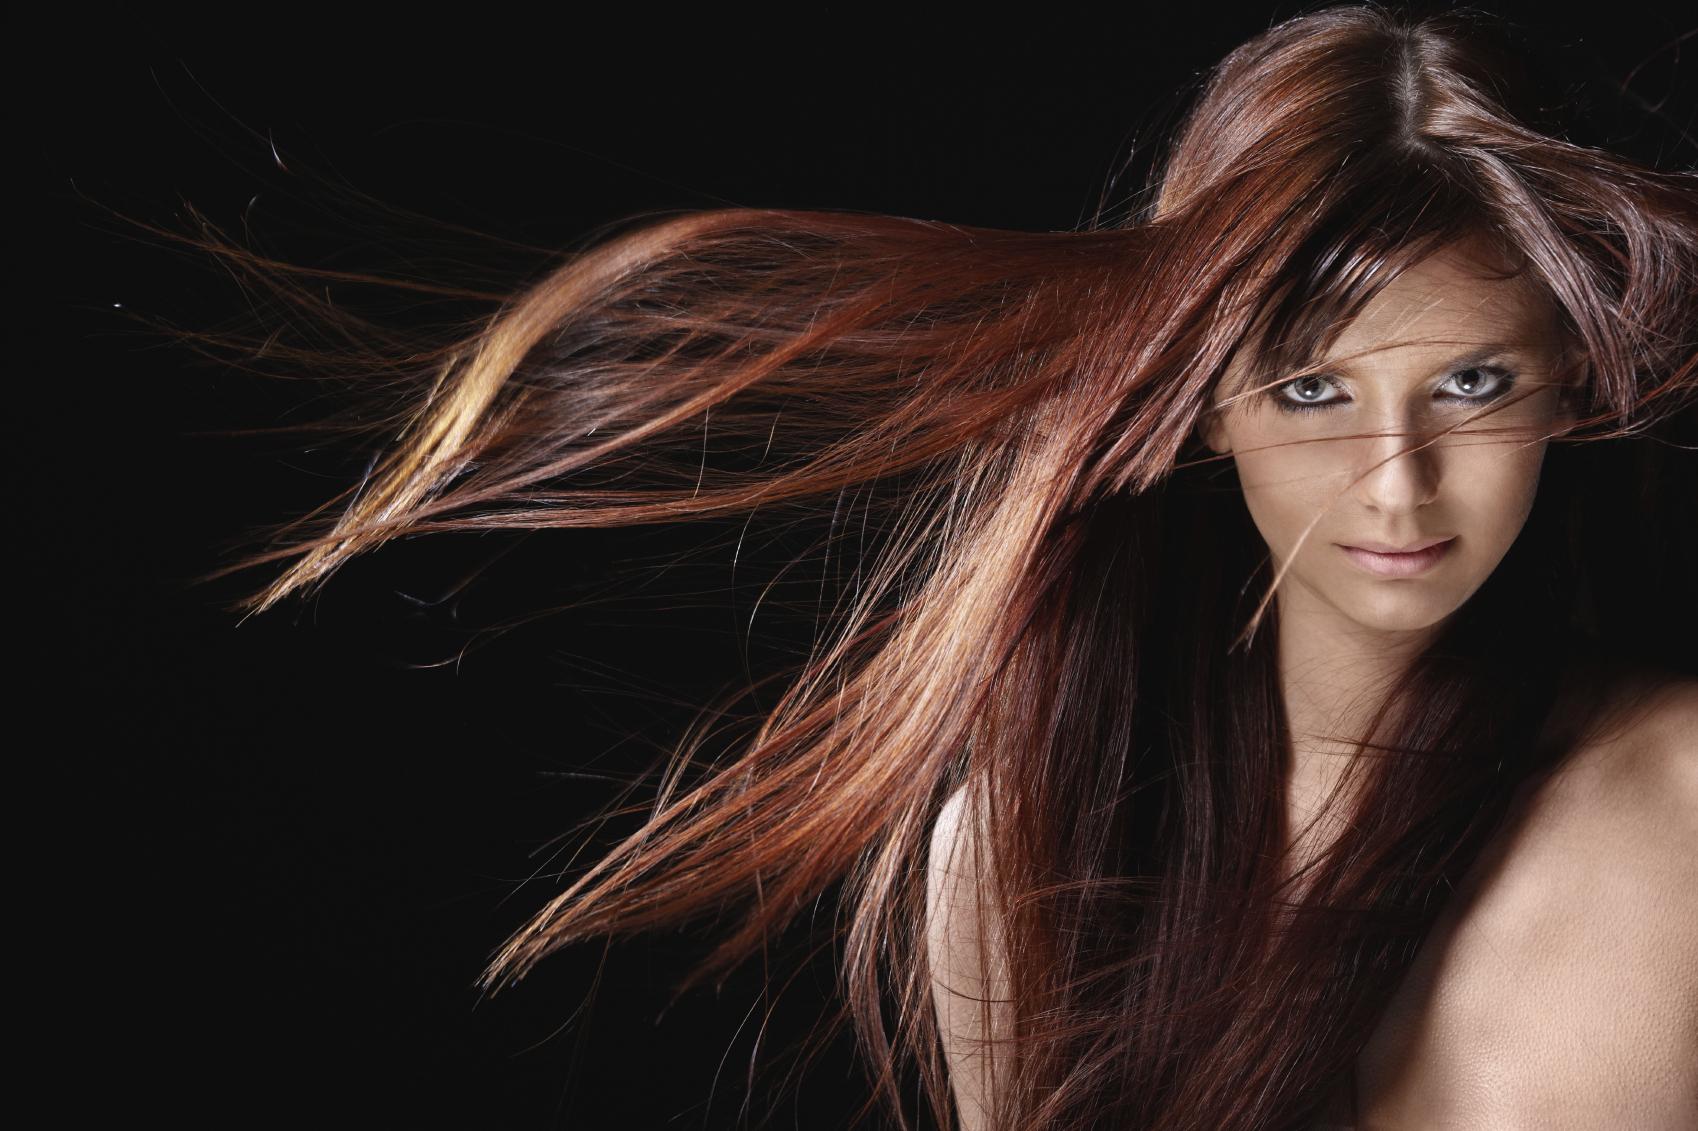 saç sağlığı, saç bakımı, saç sağlığı için bakım